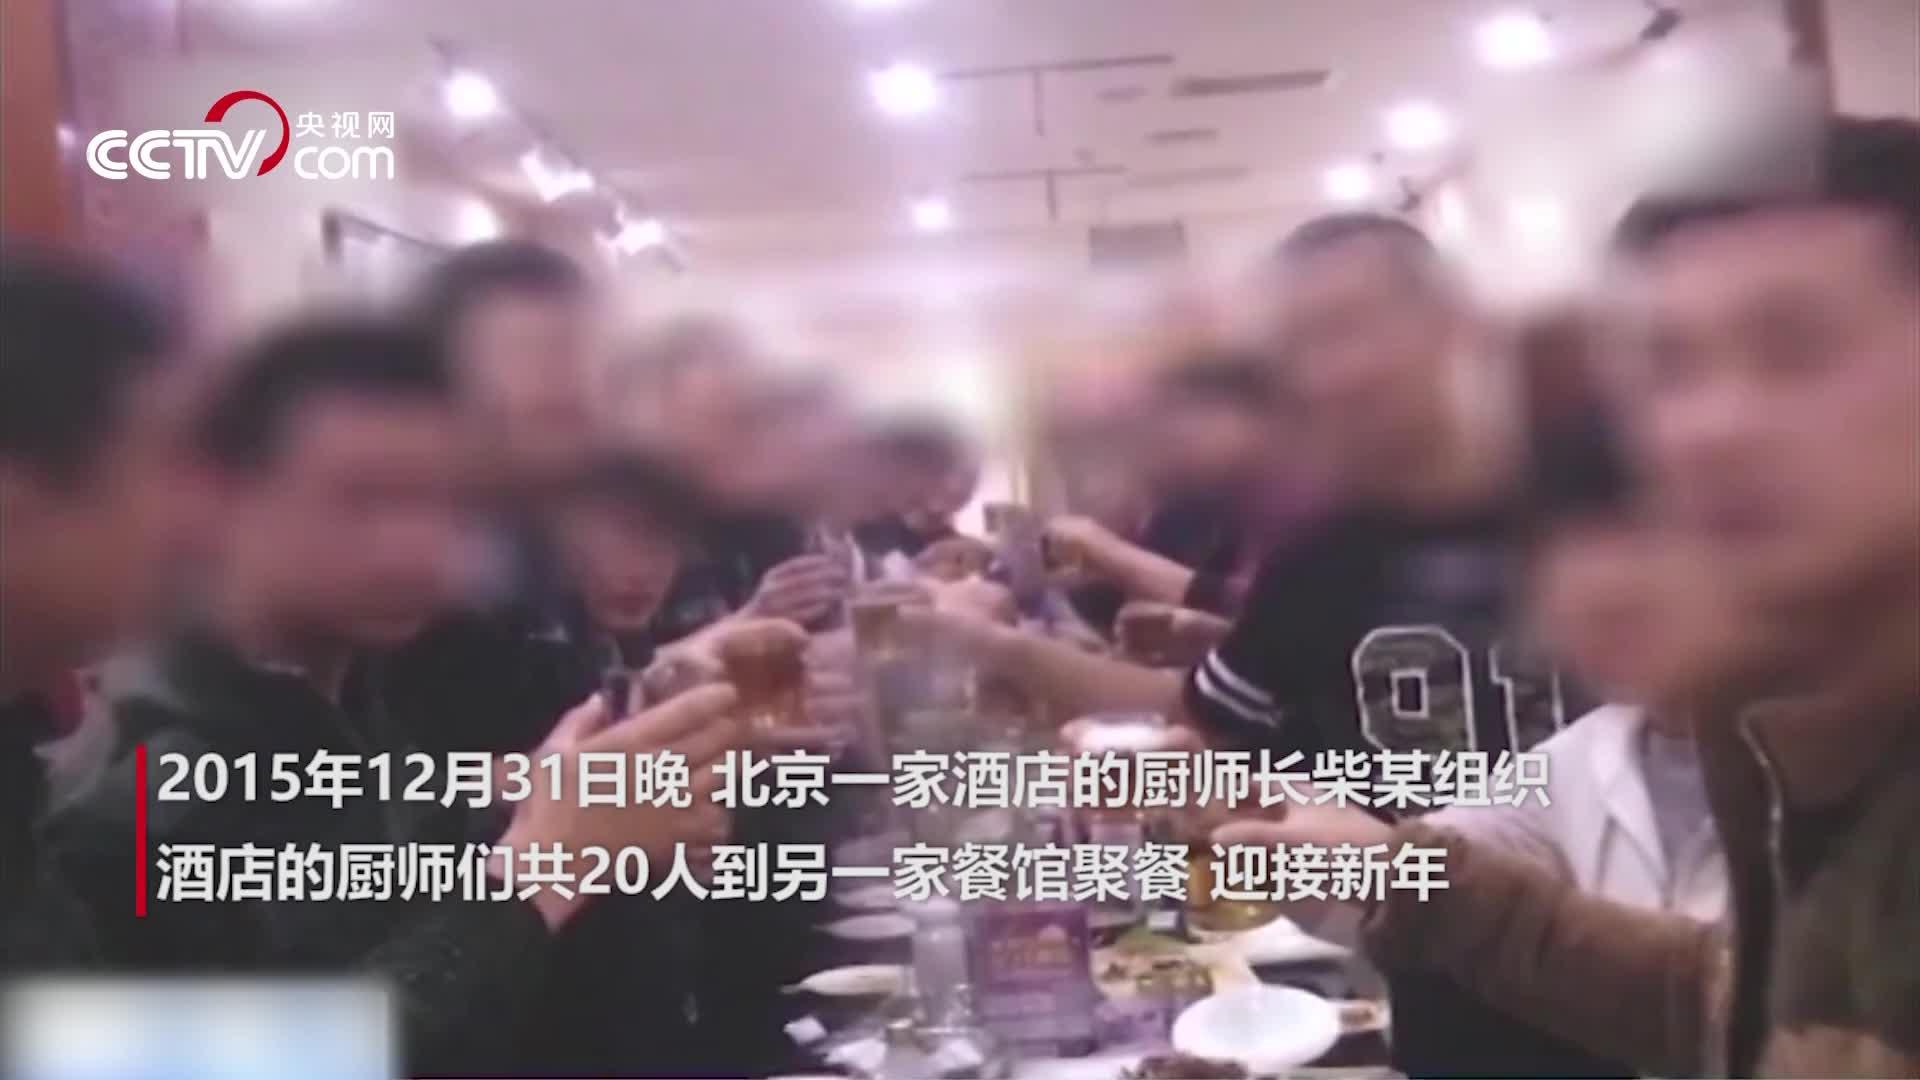 [视频]同事聚餐一人命丧酒桌 19名酒友共赔偿14万多